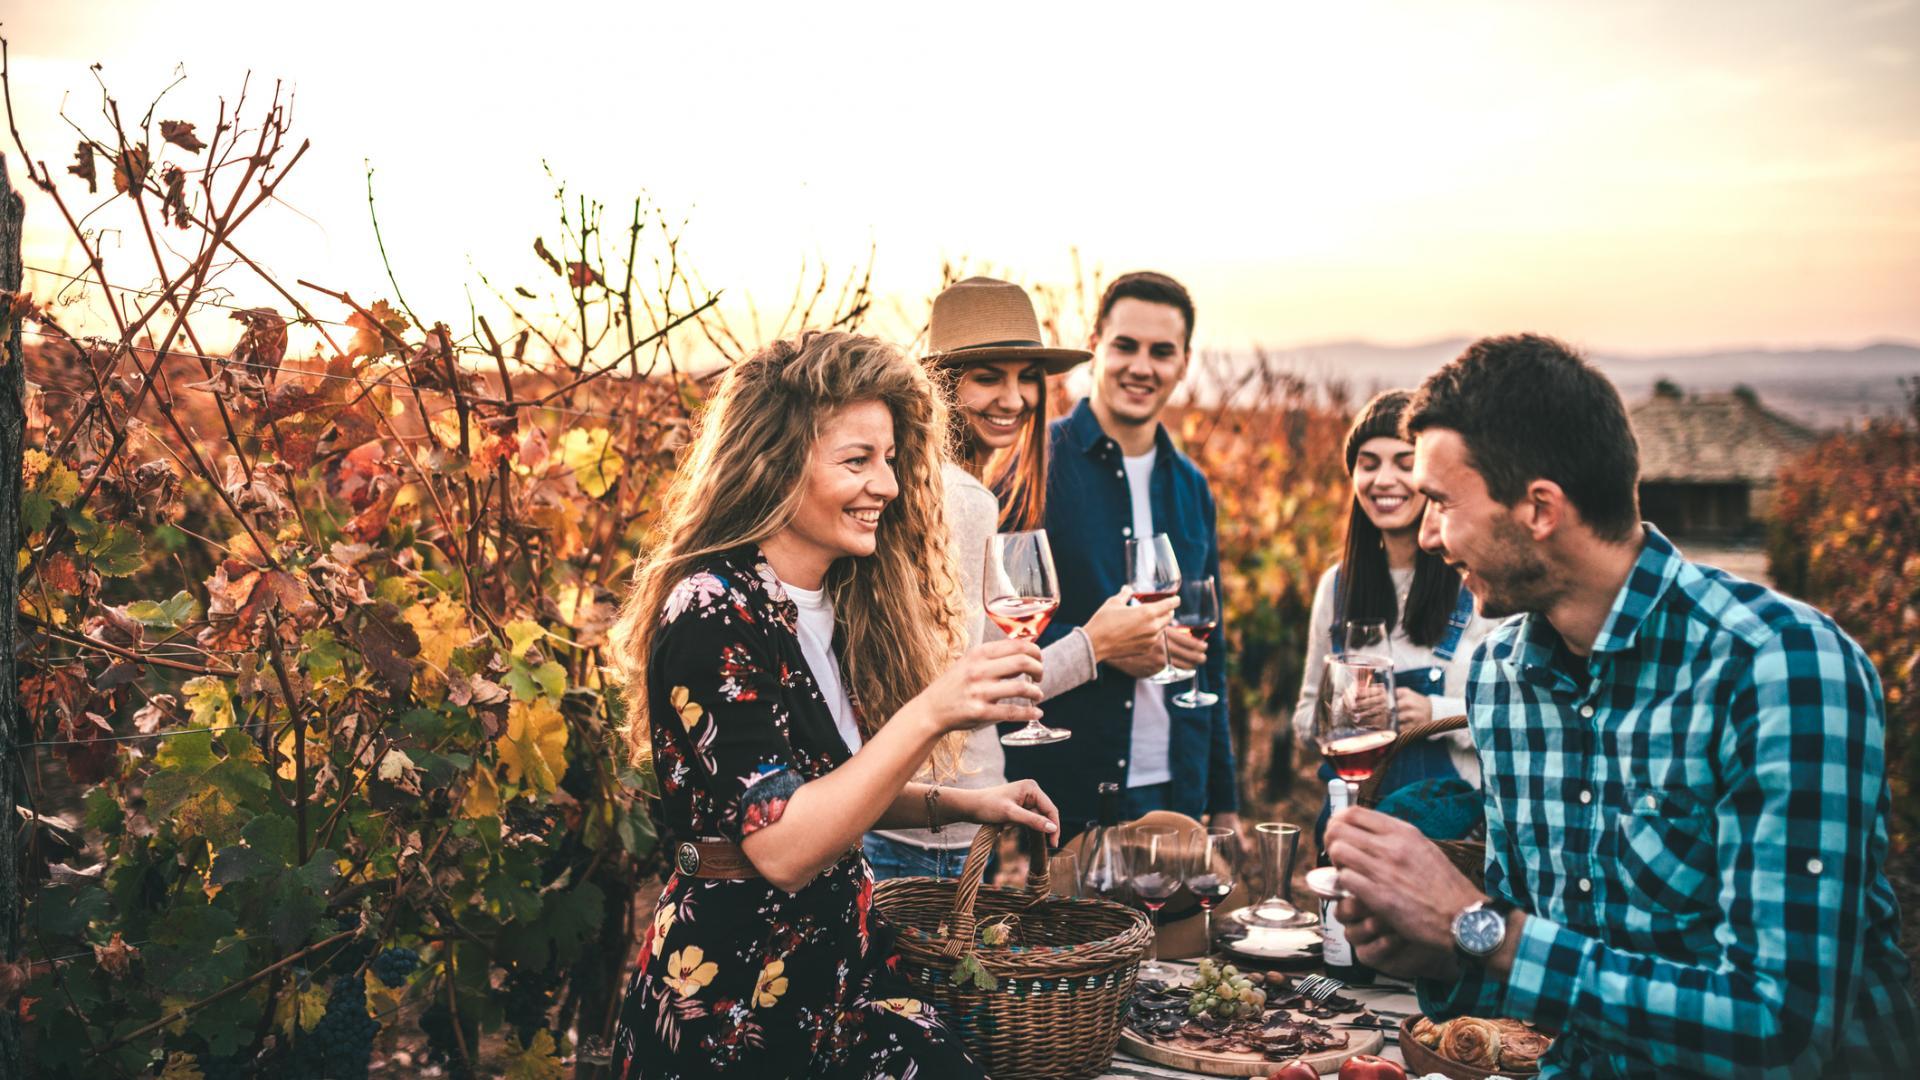 Freunde auf einem Weingut. Wine Tasting